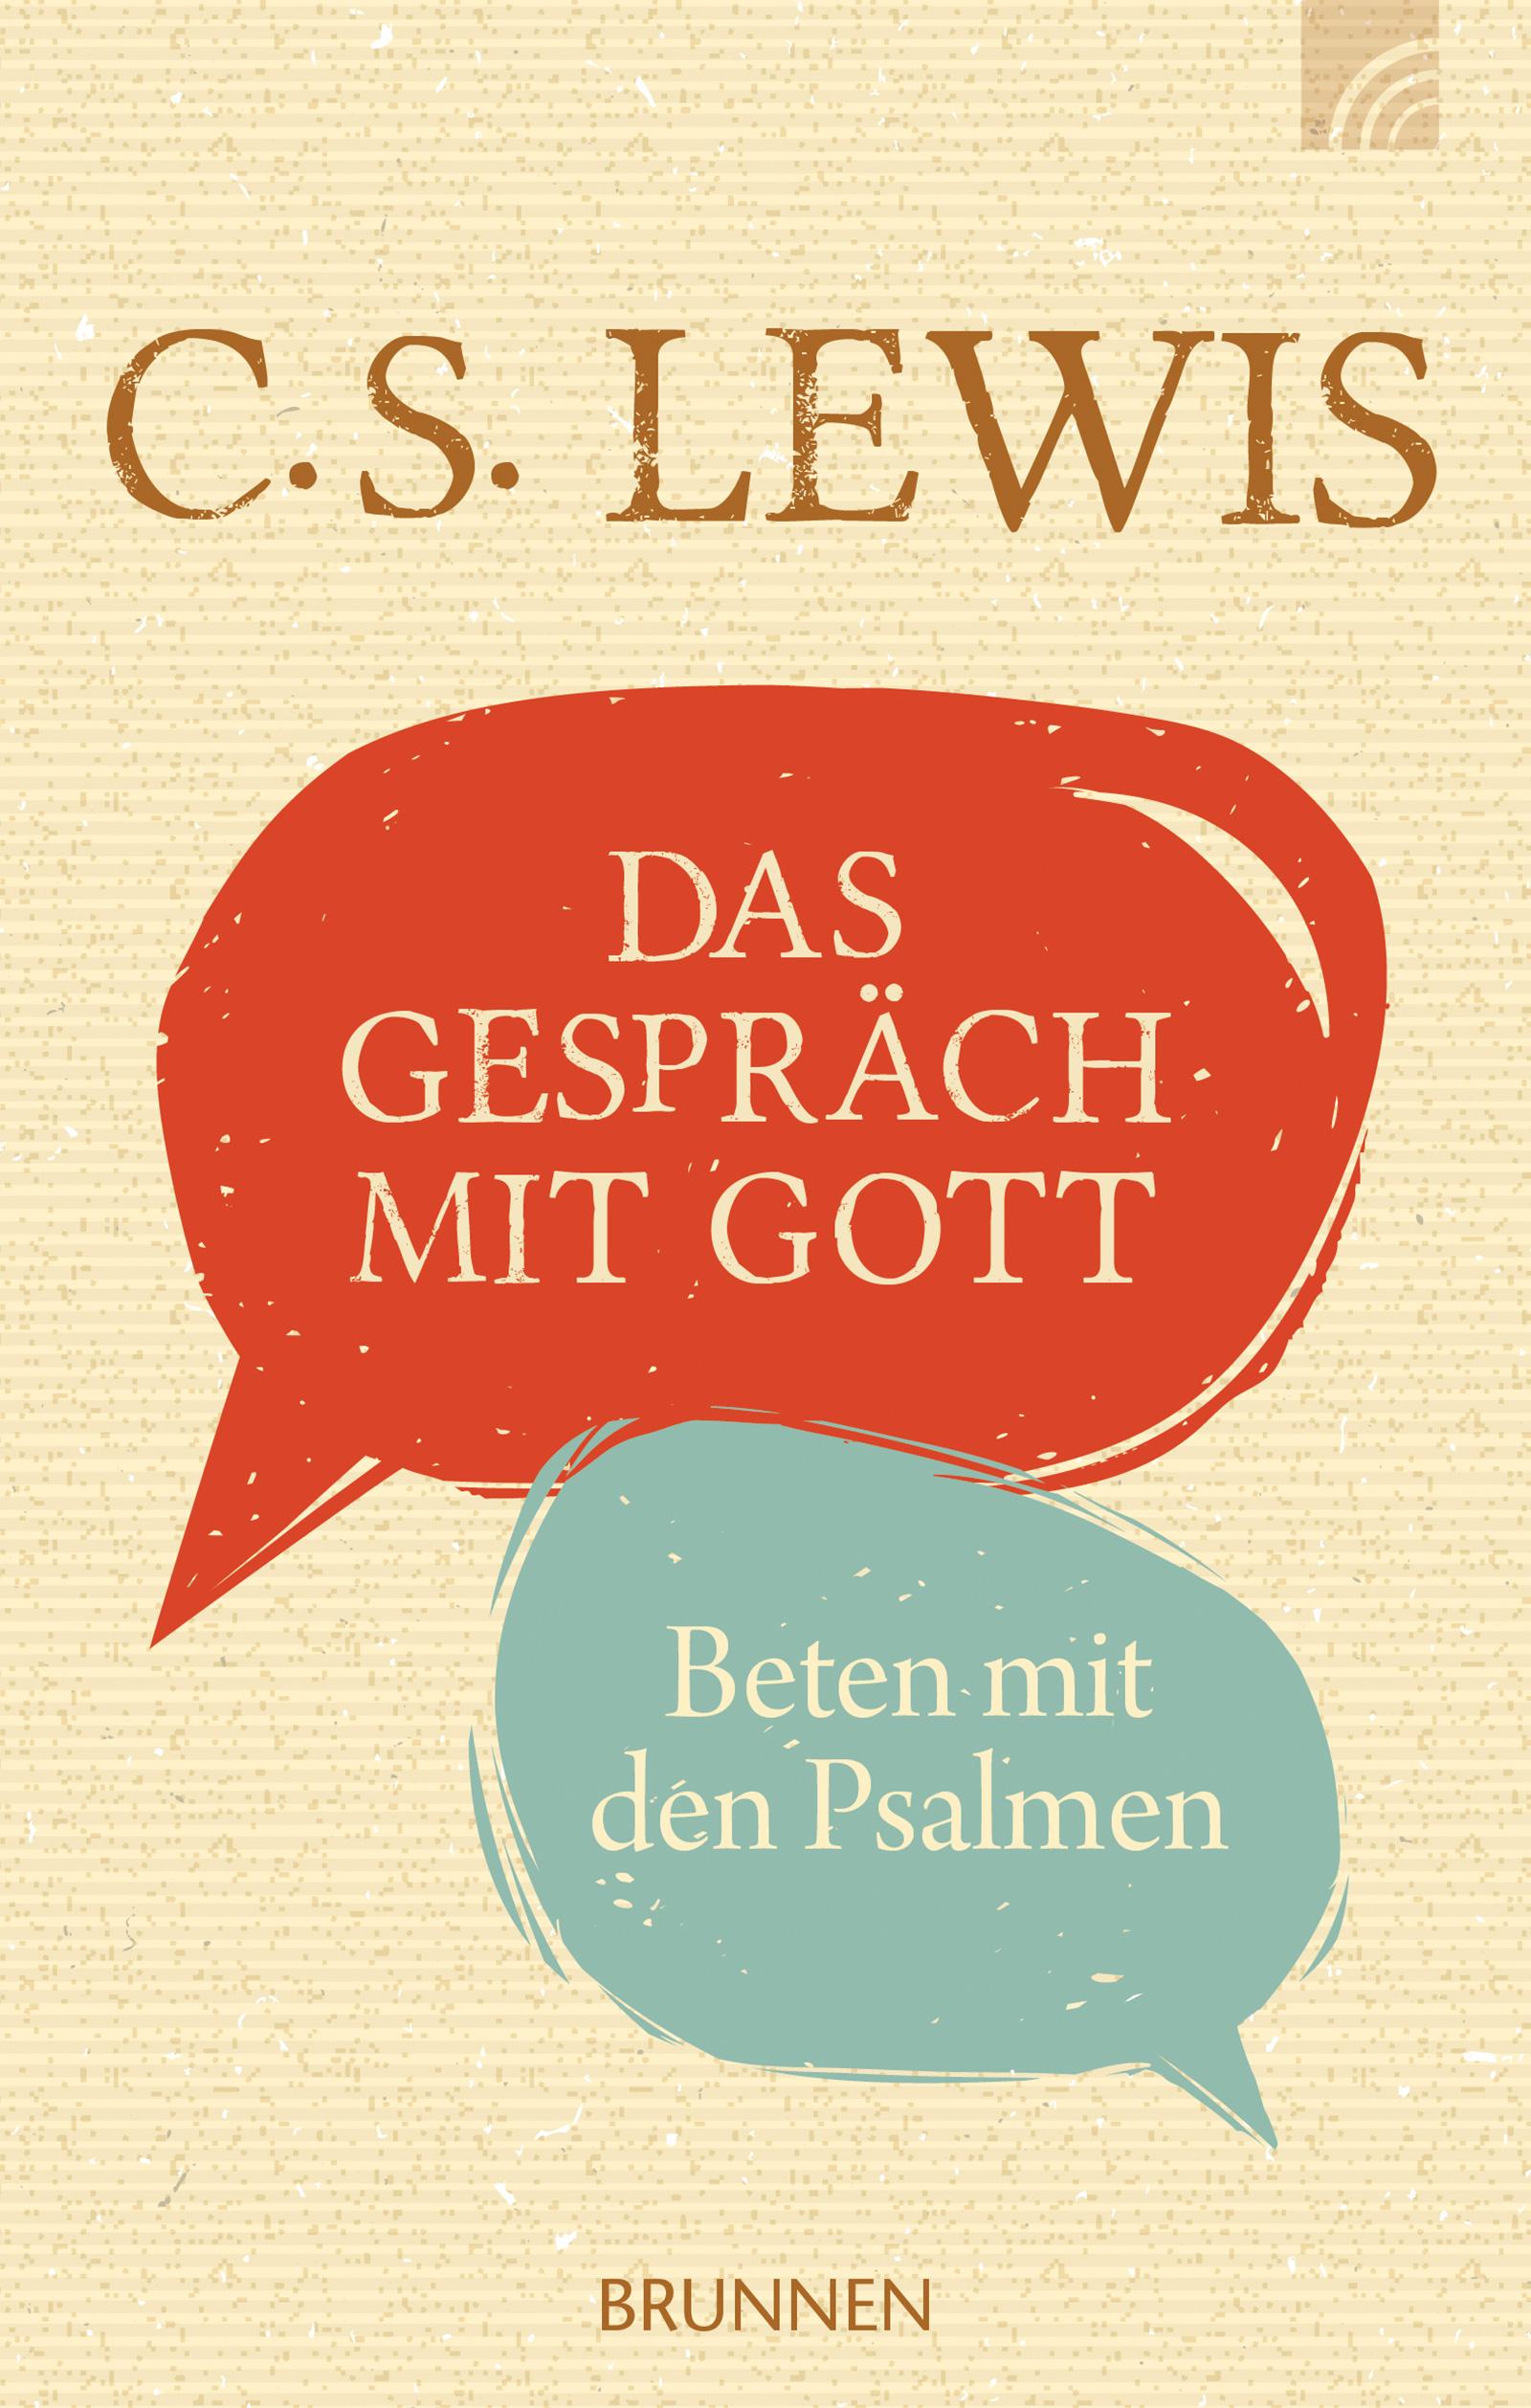 C. S. Lewis Das Gespräch mit Gott c graupner herr gott dich loben wir gwv 1109 42